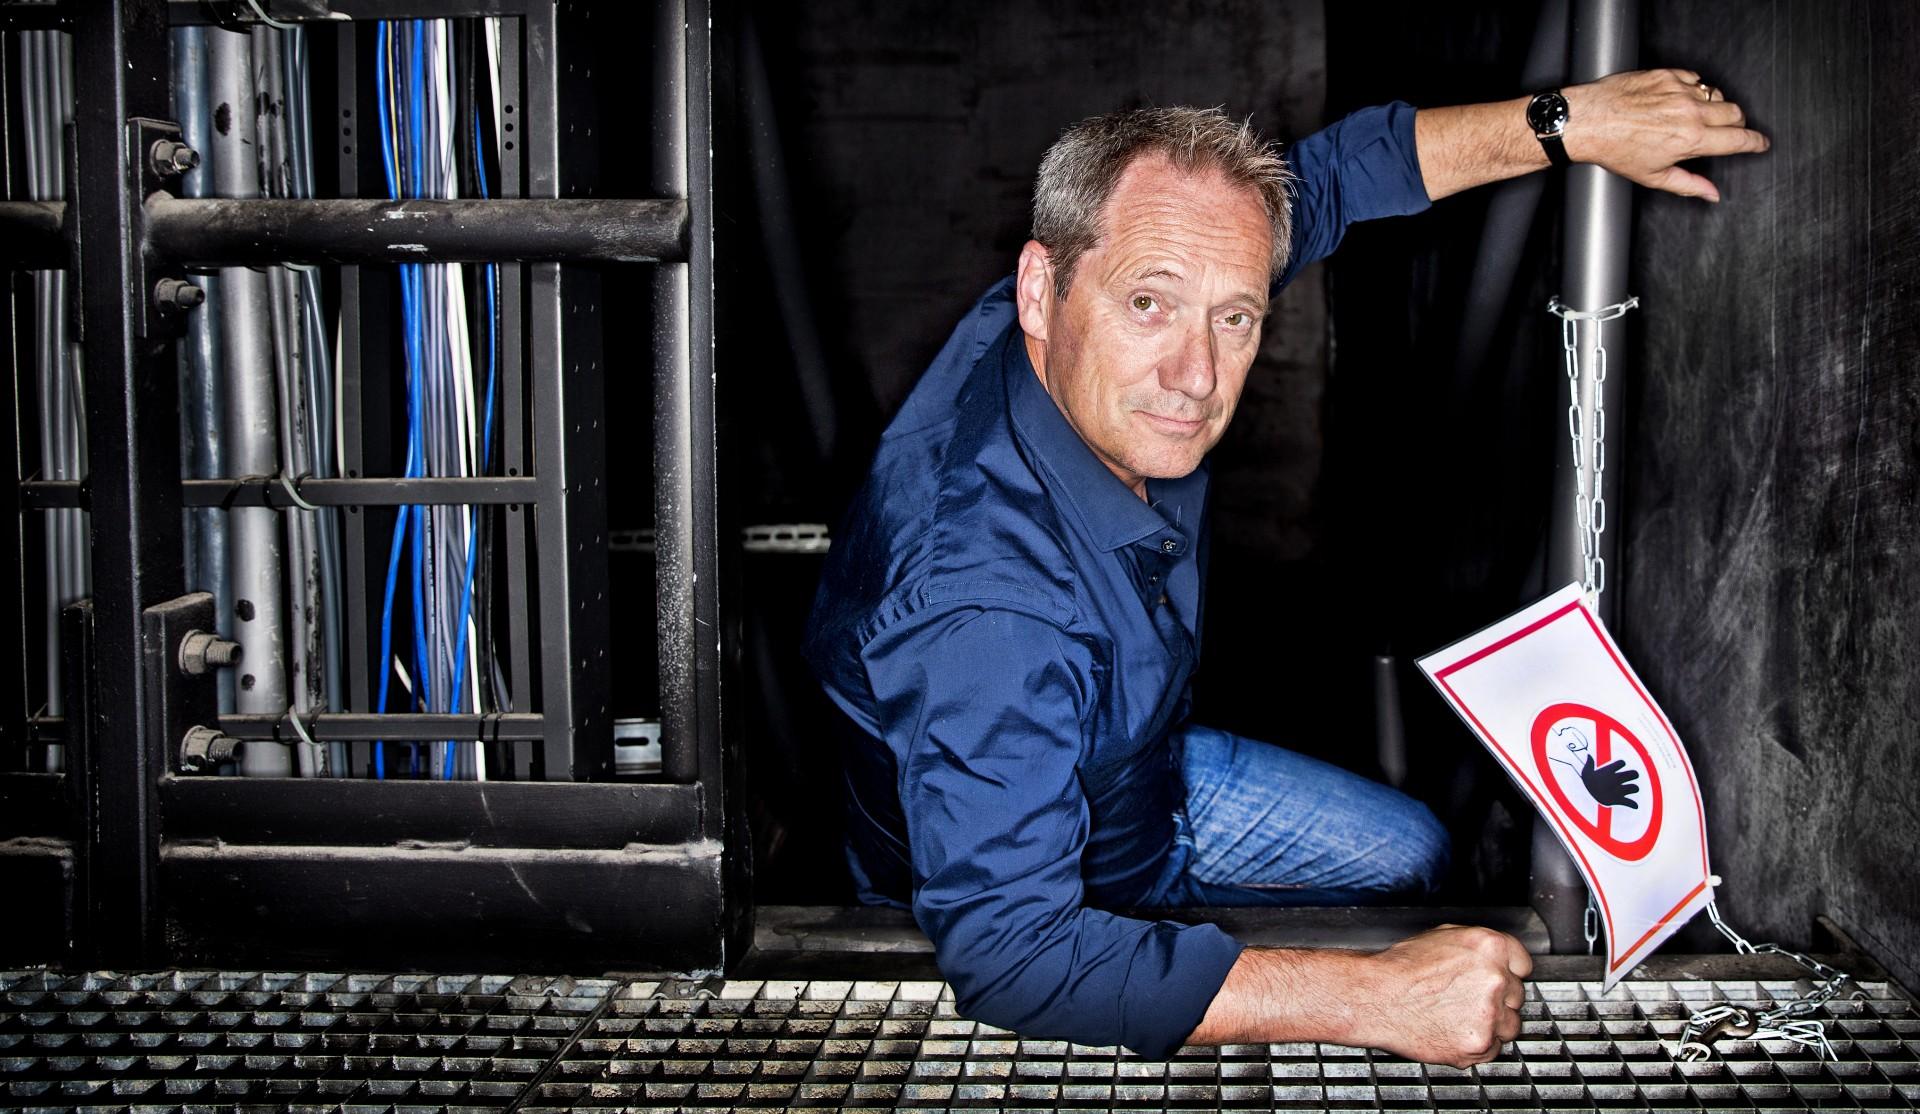 Portret Acteur Gijs Scholten van Aschat.